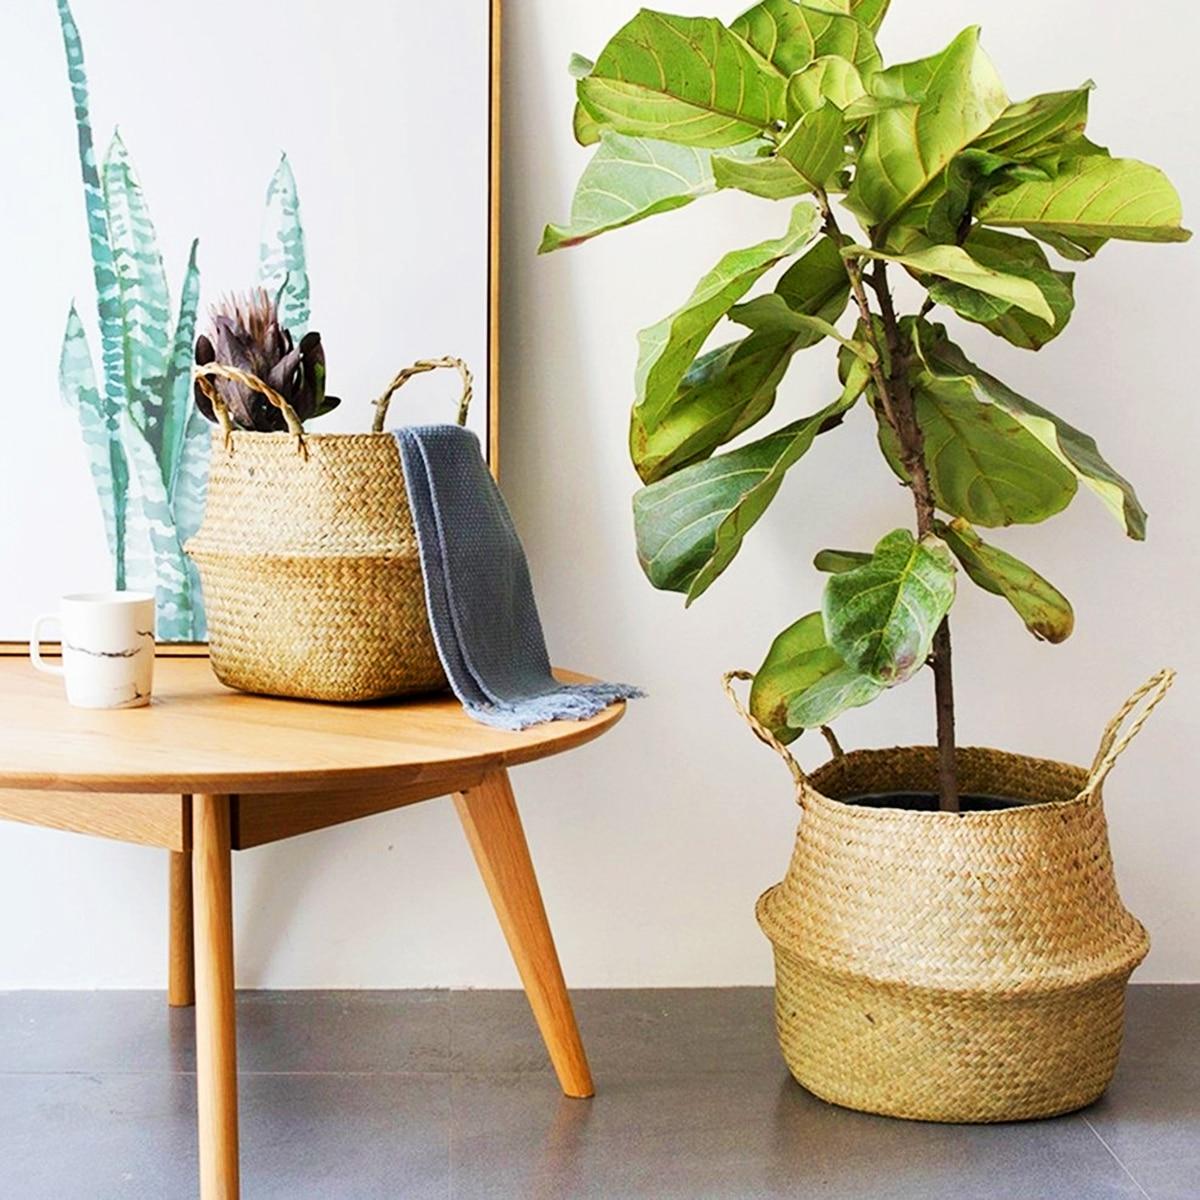 Cesta de bambu dobrável para lavanderia, cesto de bambu/m/g dobrável para lavanderia, decoração, plantas, vasos, sala e jardim plantador de decoração